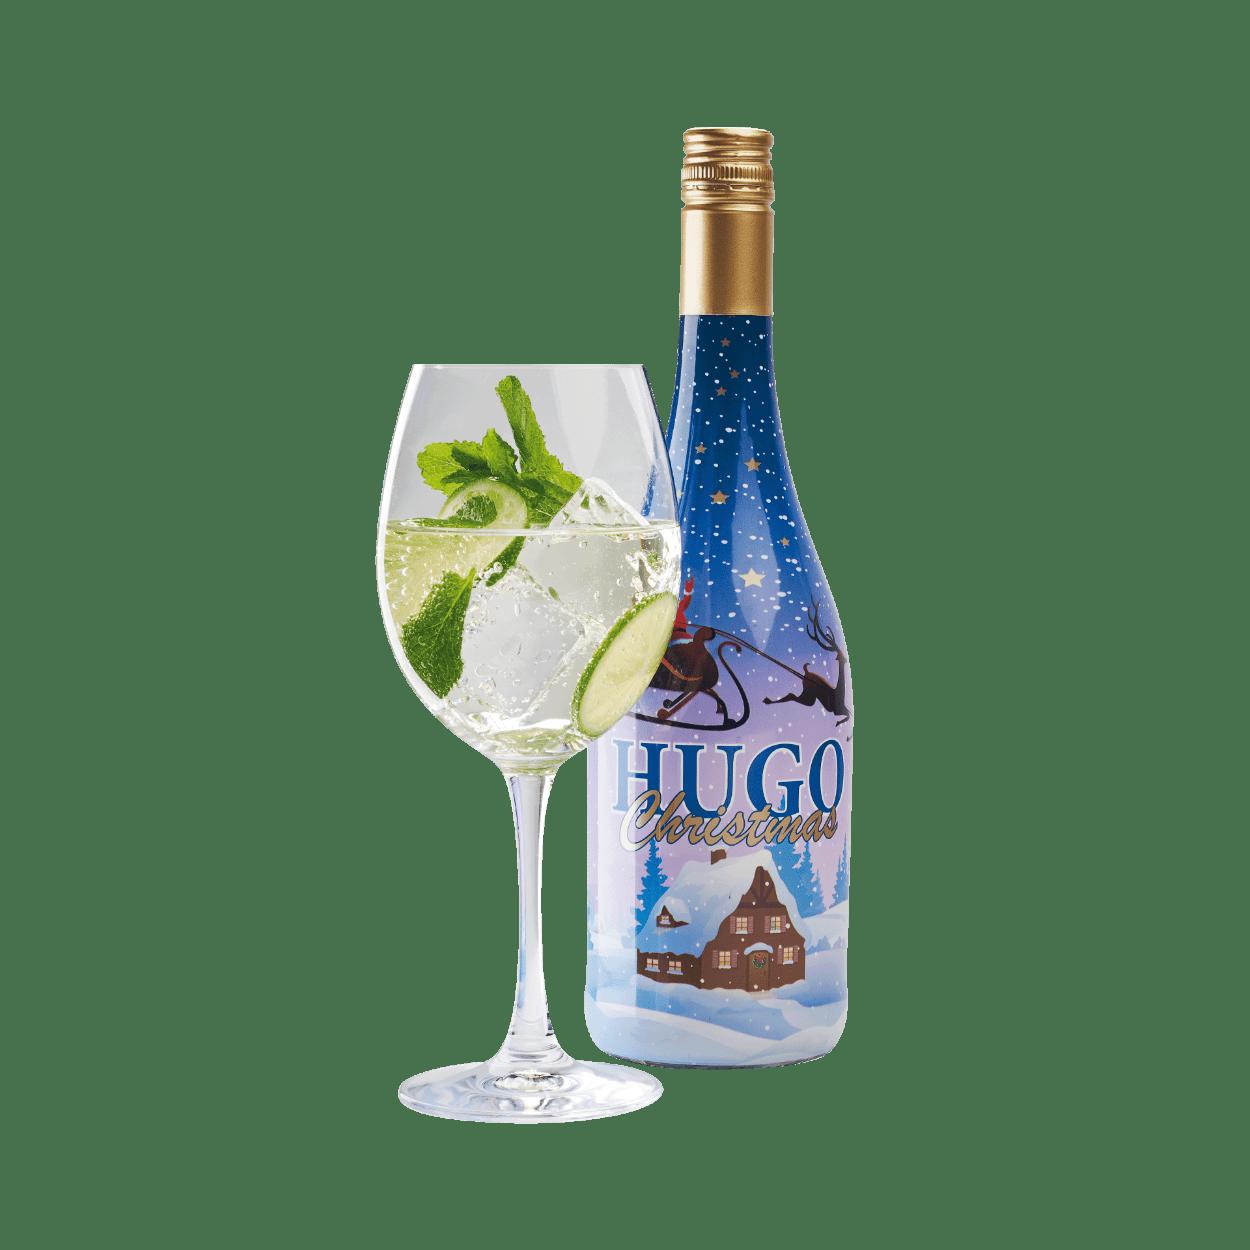 Hugo Christmas voordelig bij ALDI